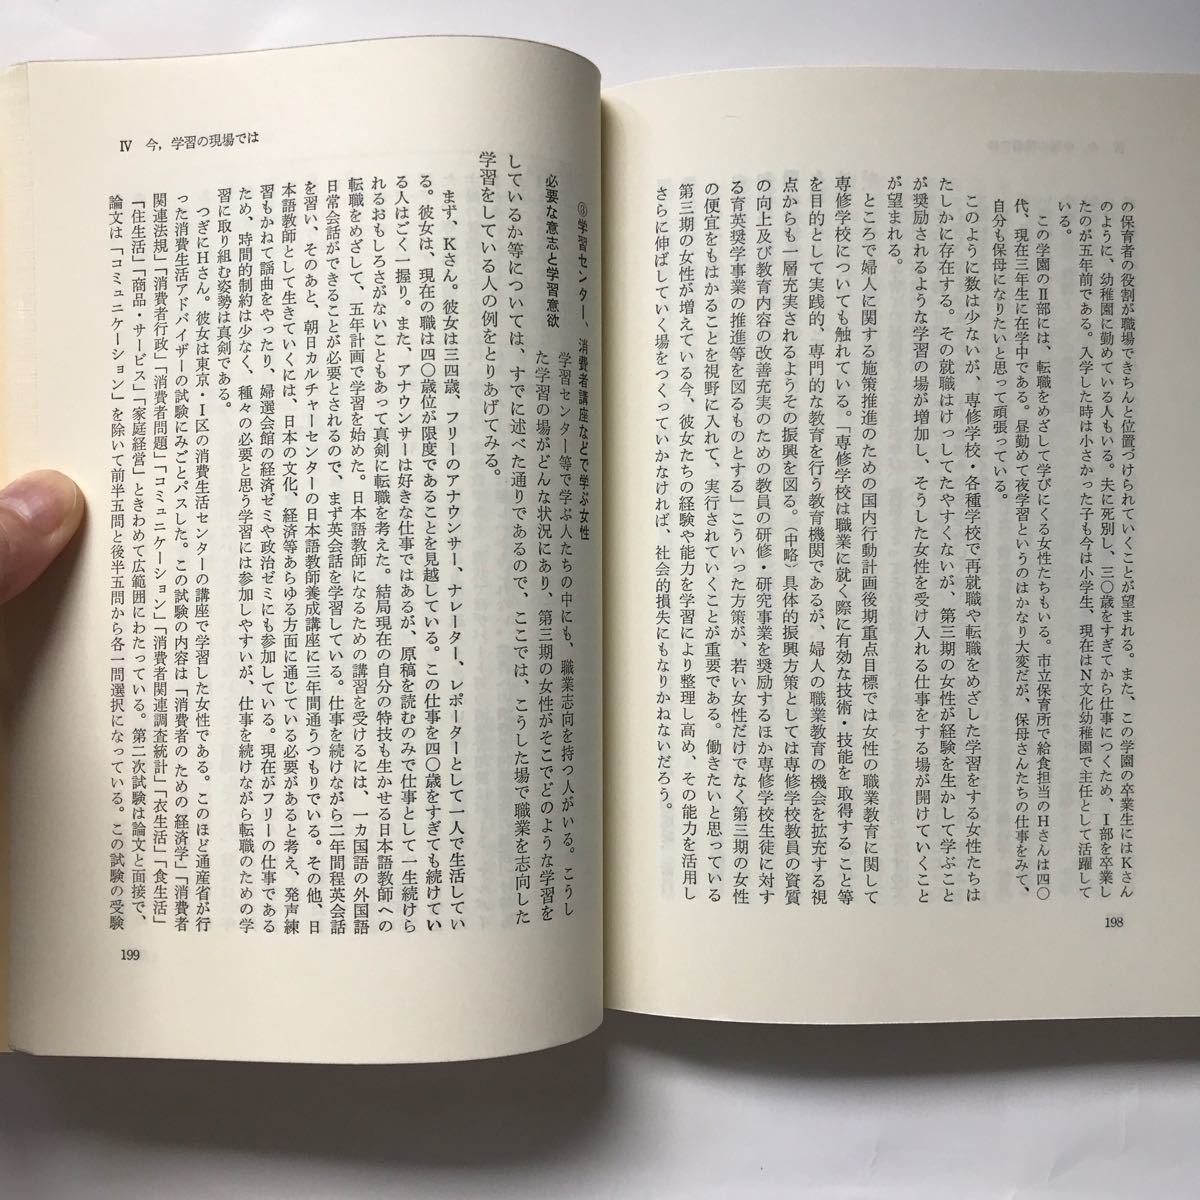 NHK ブックス 学習 する 女性 の 時代 神田道子 ほん 女子 教育 問題